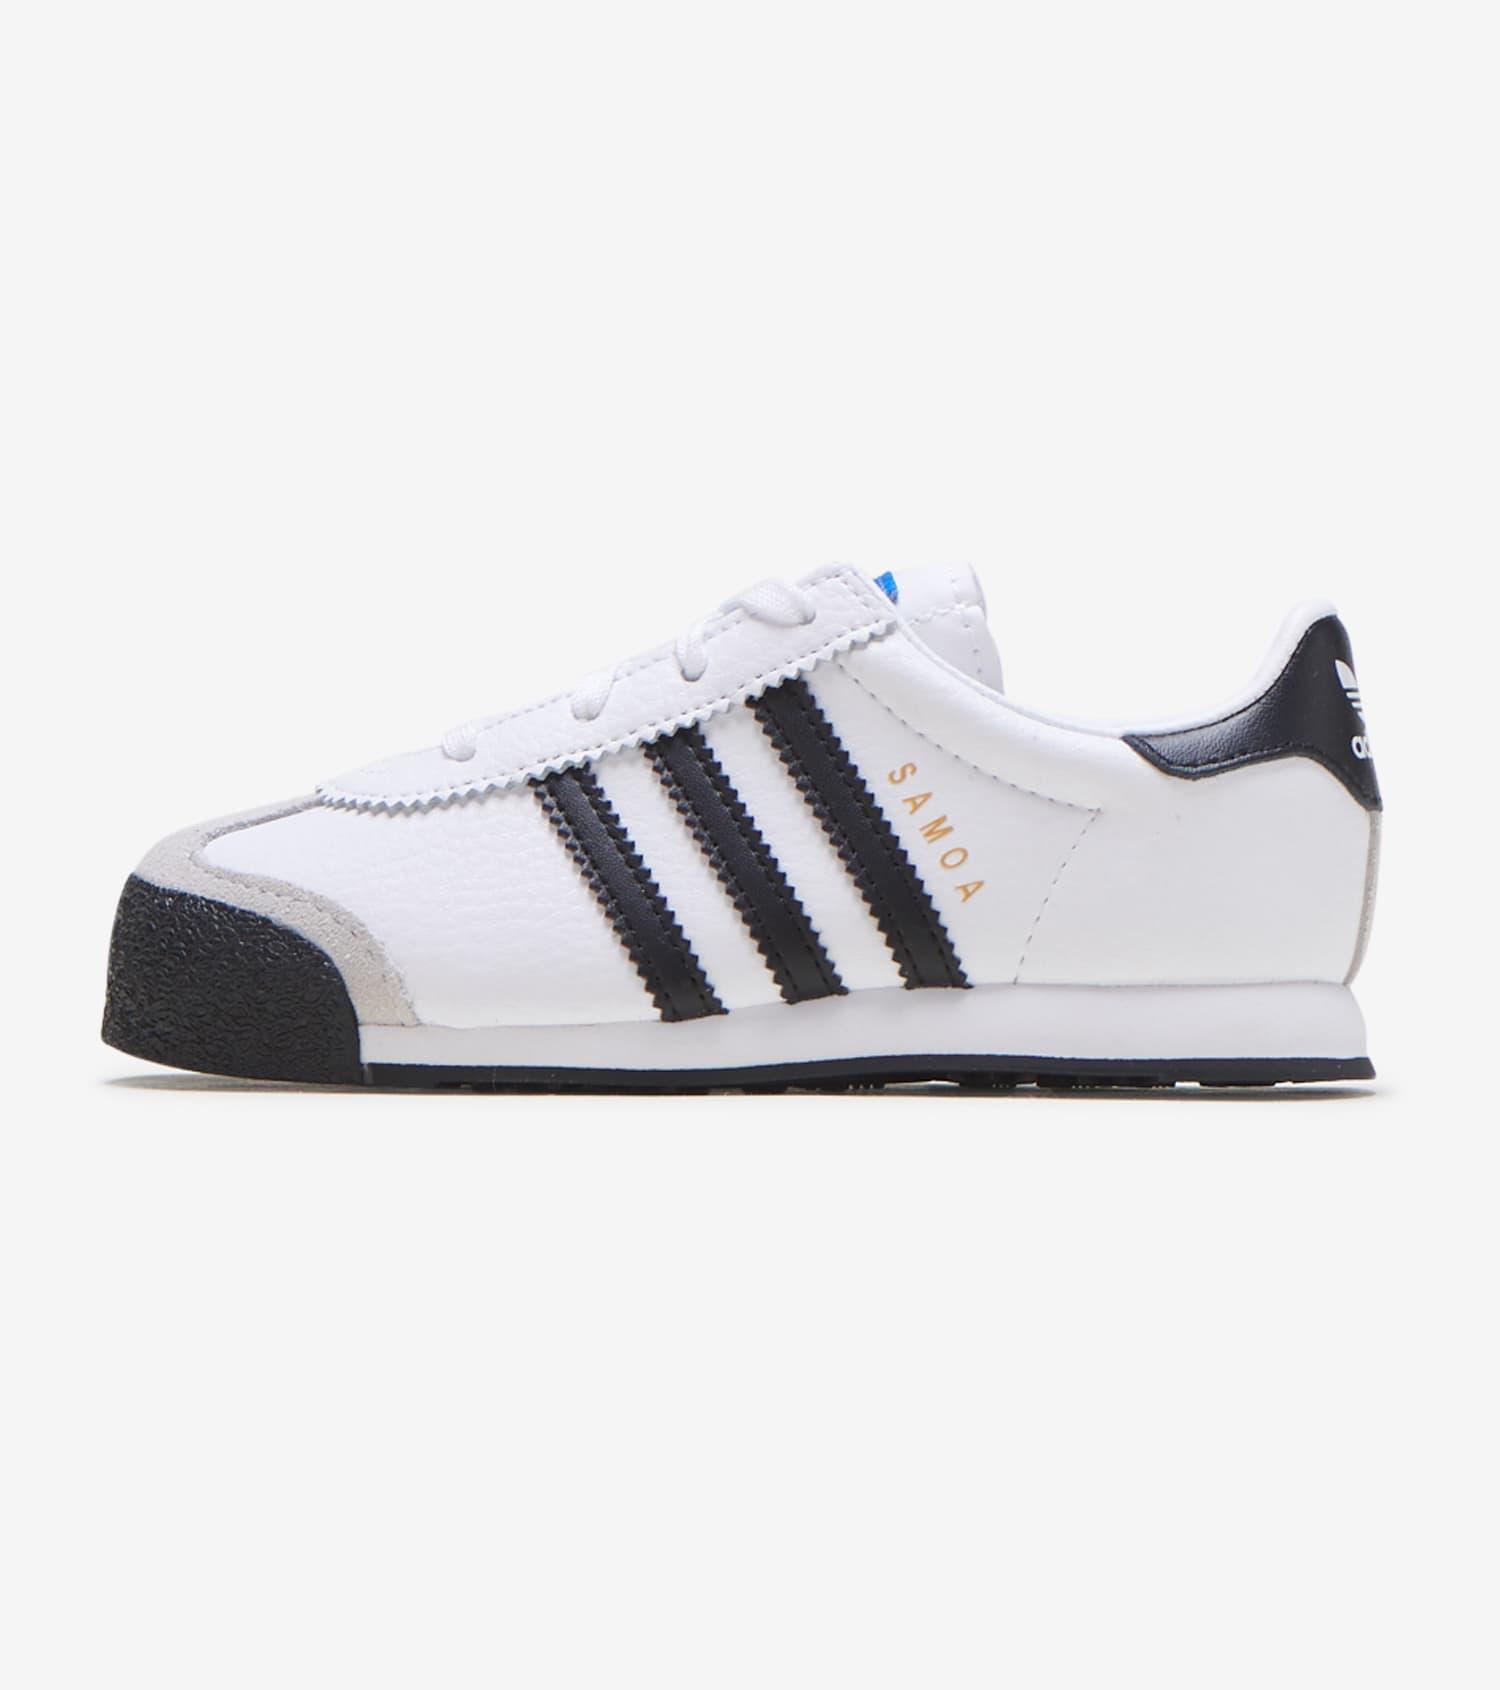 Schoenen Samoa Jongens Adidas Wit Jongens Adidas Schoenen